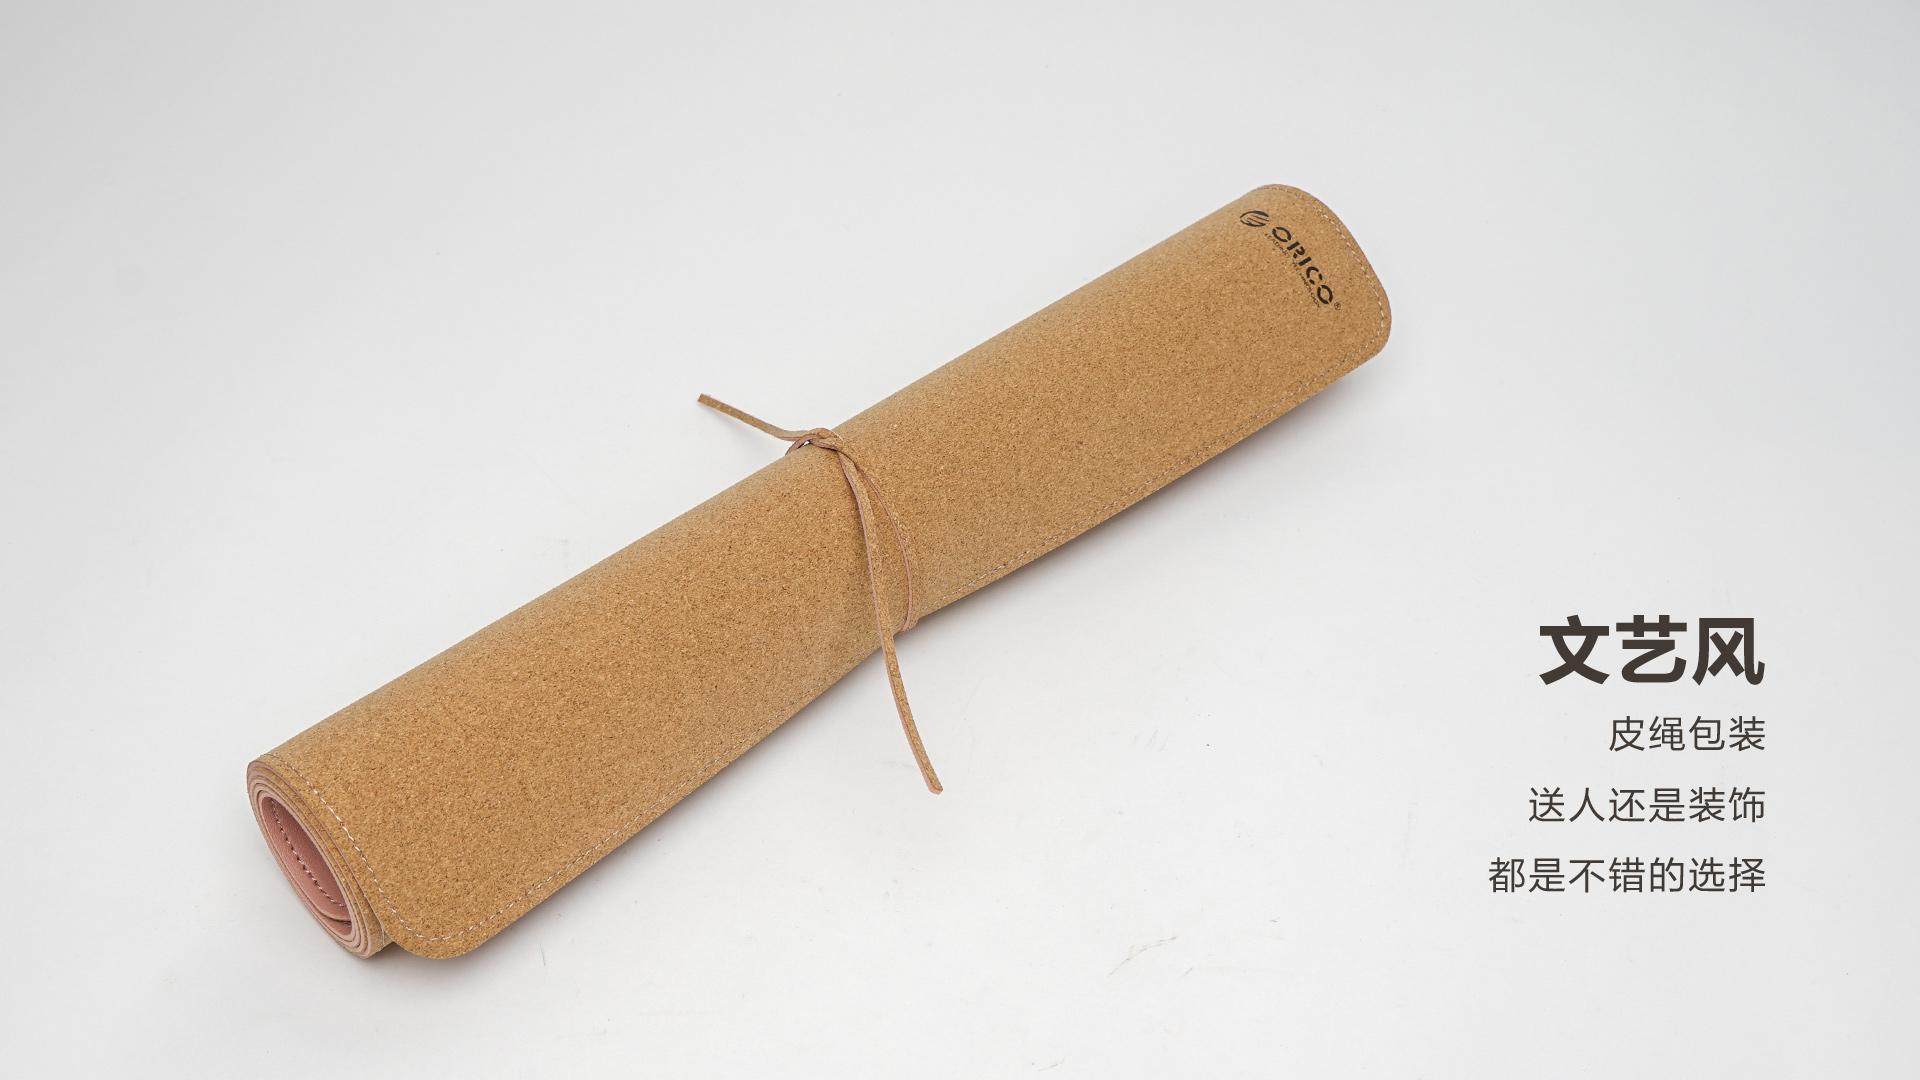 远看是硬实木 其实手感是柔软的皮革的双面桌面鼠标垫  图片 科技 评测 第1张